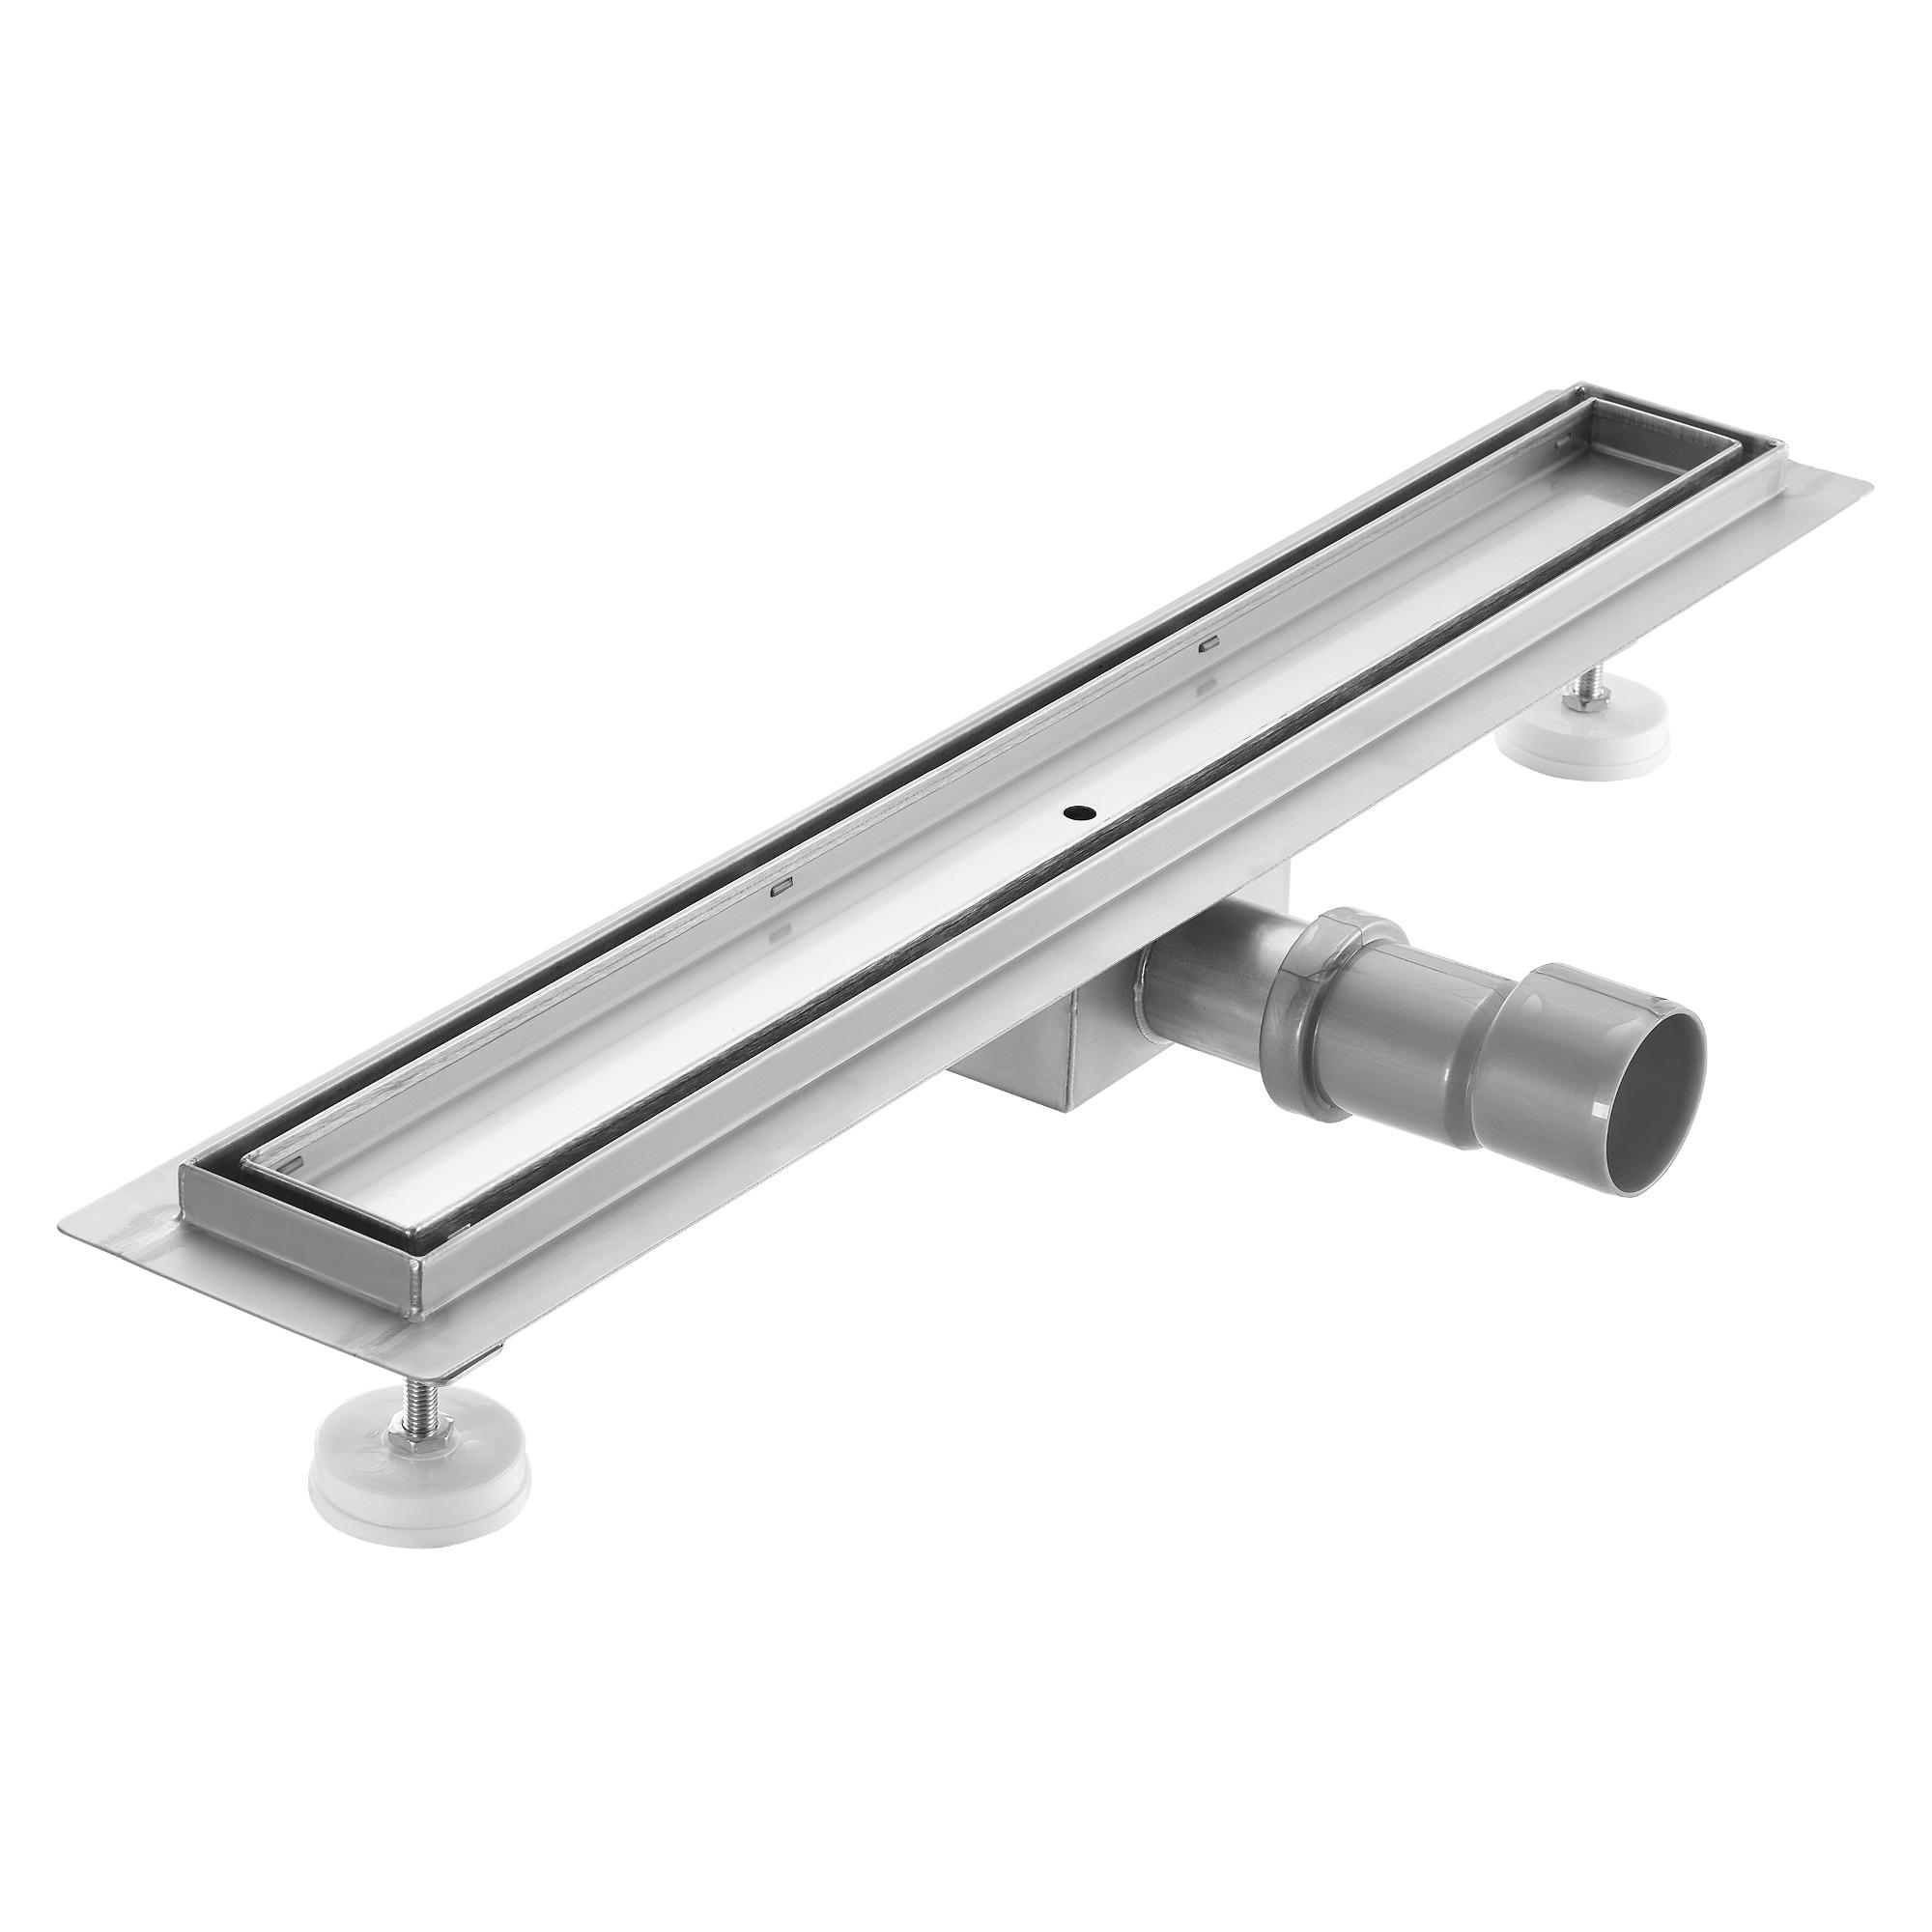 [neu.haus]® Nerezový sprchový kanálek – moderní design s roštem - pro dlažbu - (90x7cm)